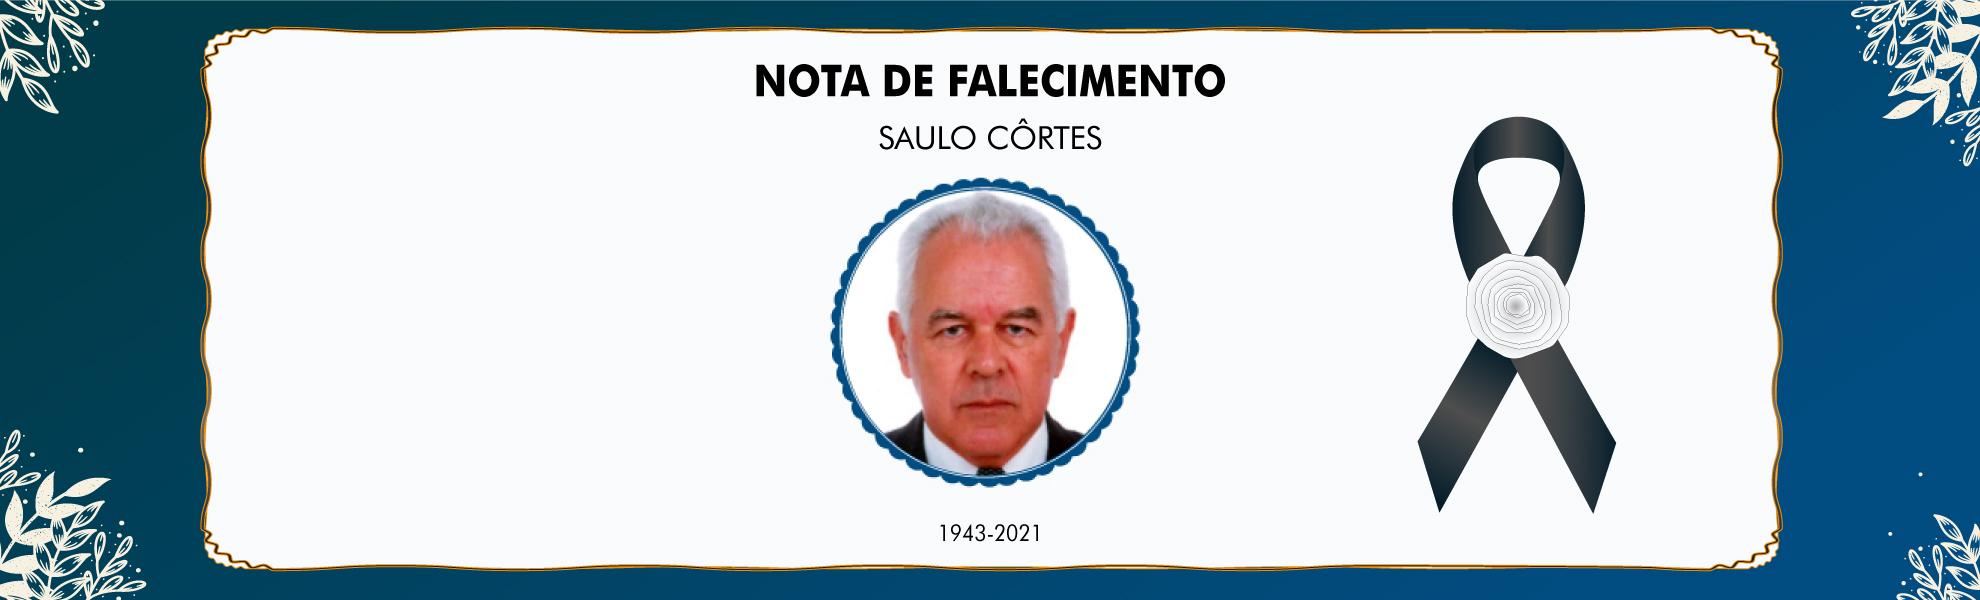 Nota-de-Falecimento-SAULO_SITE